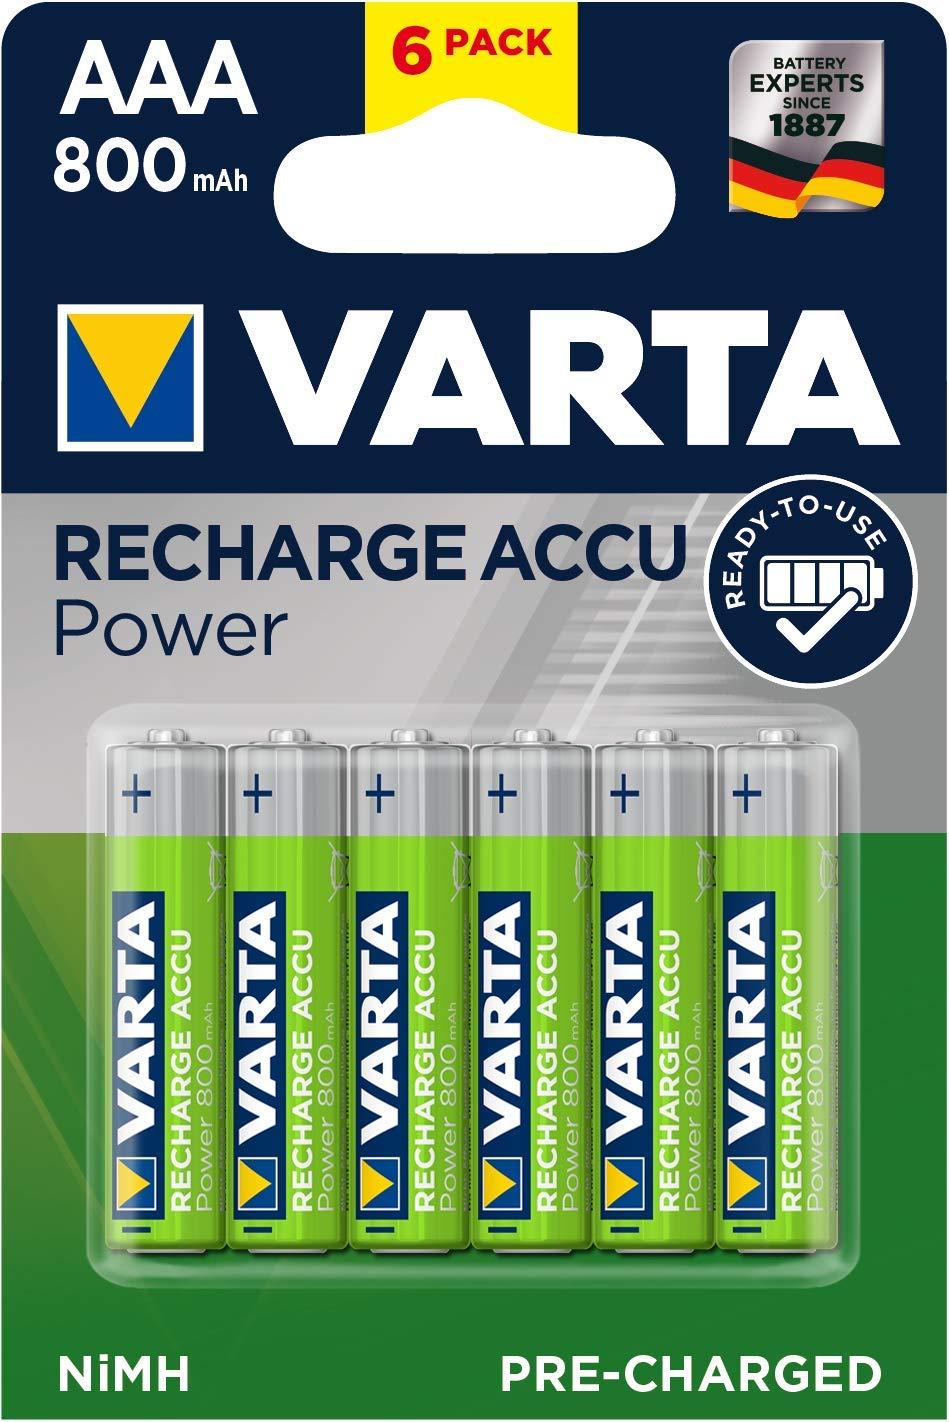 VARTA - Pack de 6 Pilas AAA Recargables (NiMH, 800 mAh, precargadas)